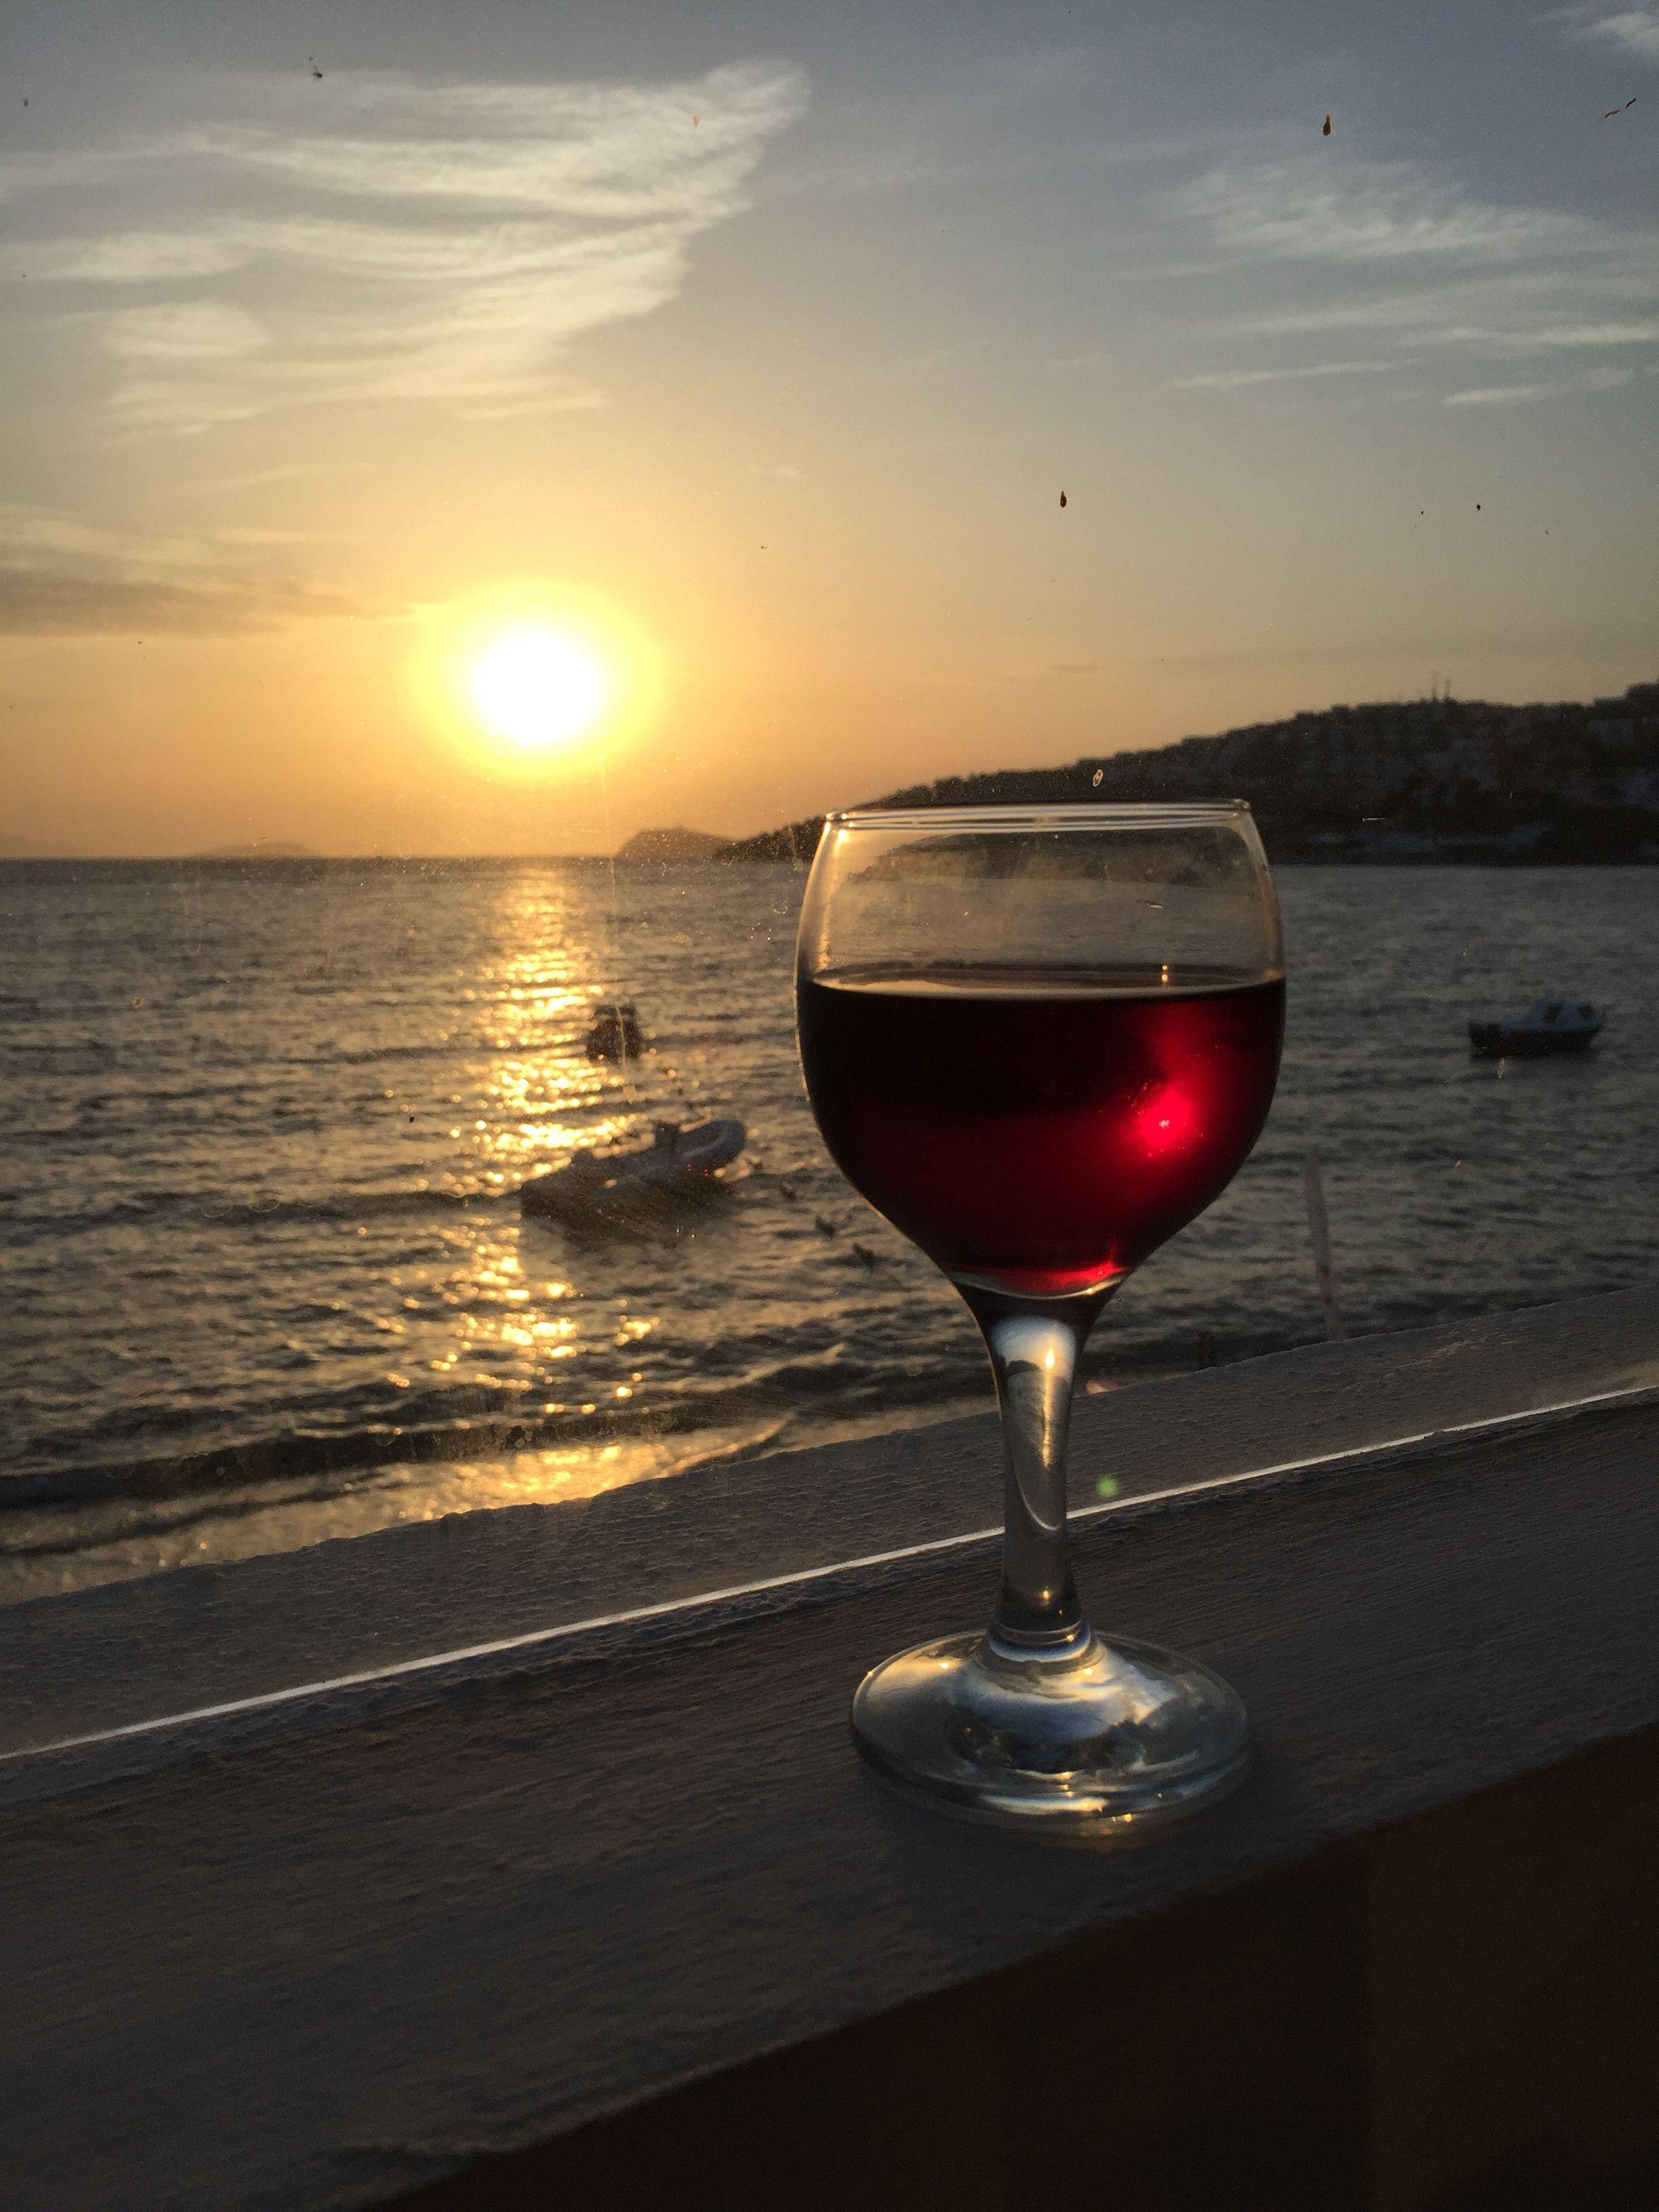 аудитор картинки бокалов с вином на фоне моря подскажите